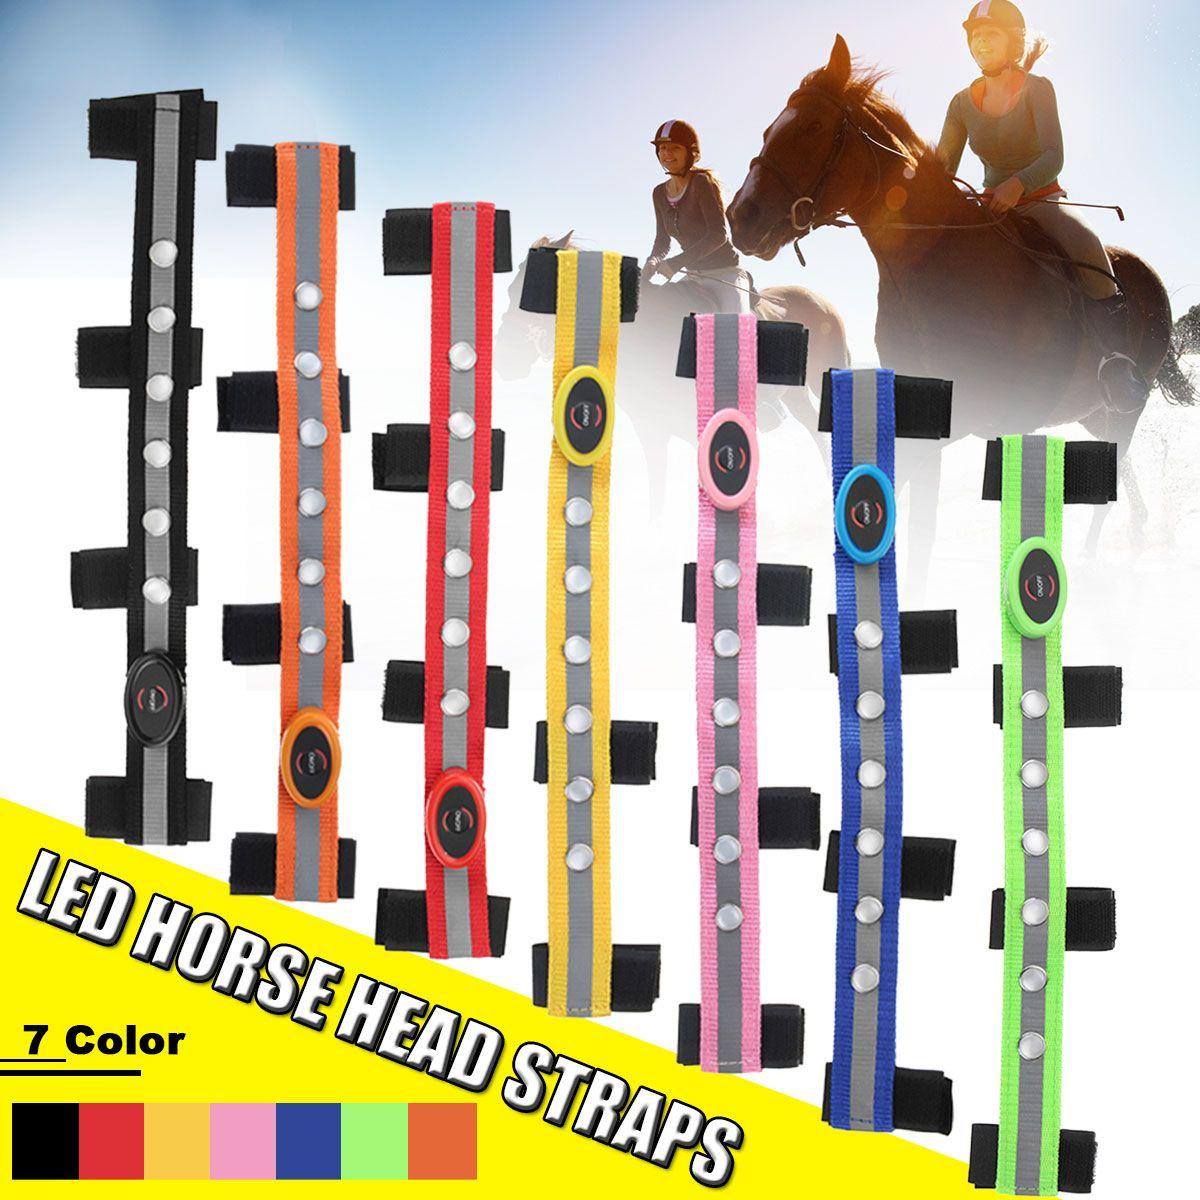 LED Tête de Cheval Sangles Nuit Visible Paardensport Équitation Multicolore En Option Cuirasse De Cheval Décoration Équitation Bande